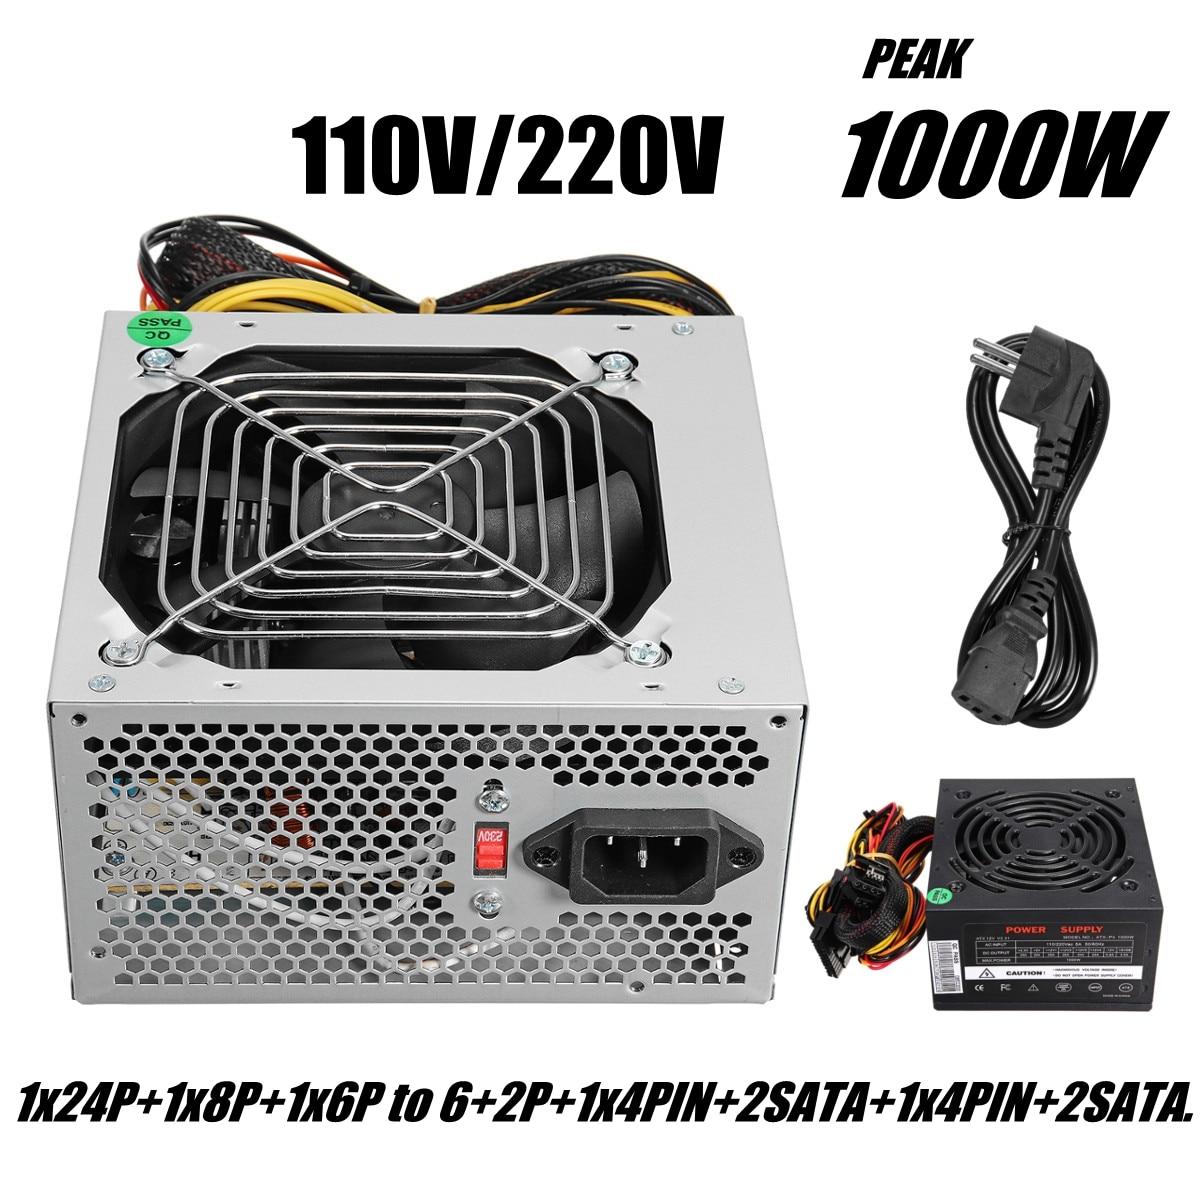 Max 1000W ATX alimentation ventilateur silencieux pour Intel AMD PC PC ordinateur mineur - 2